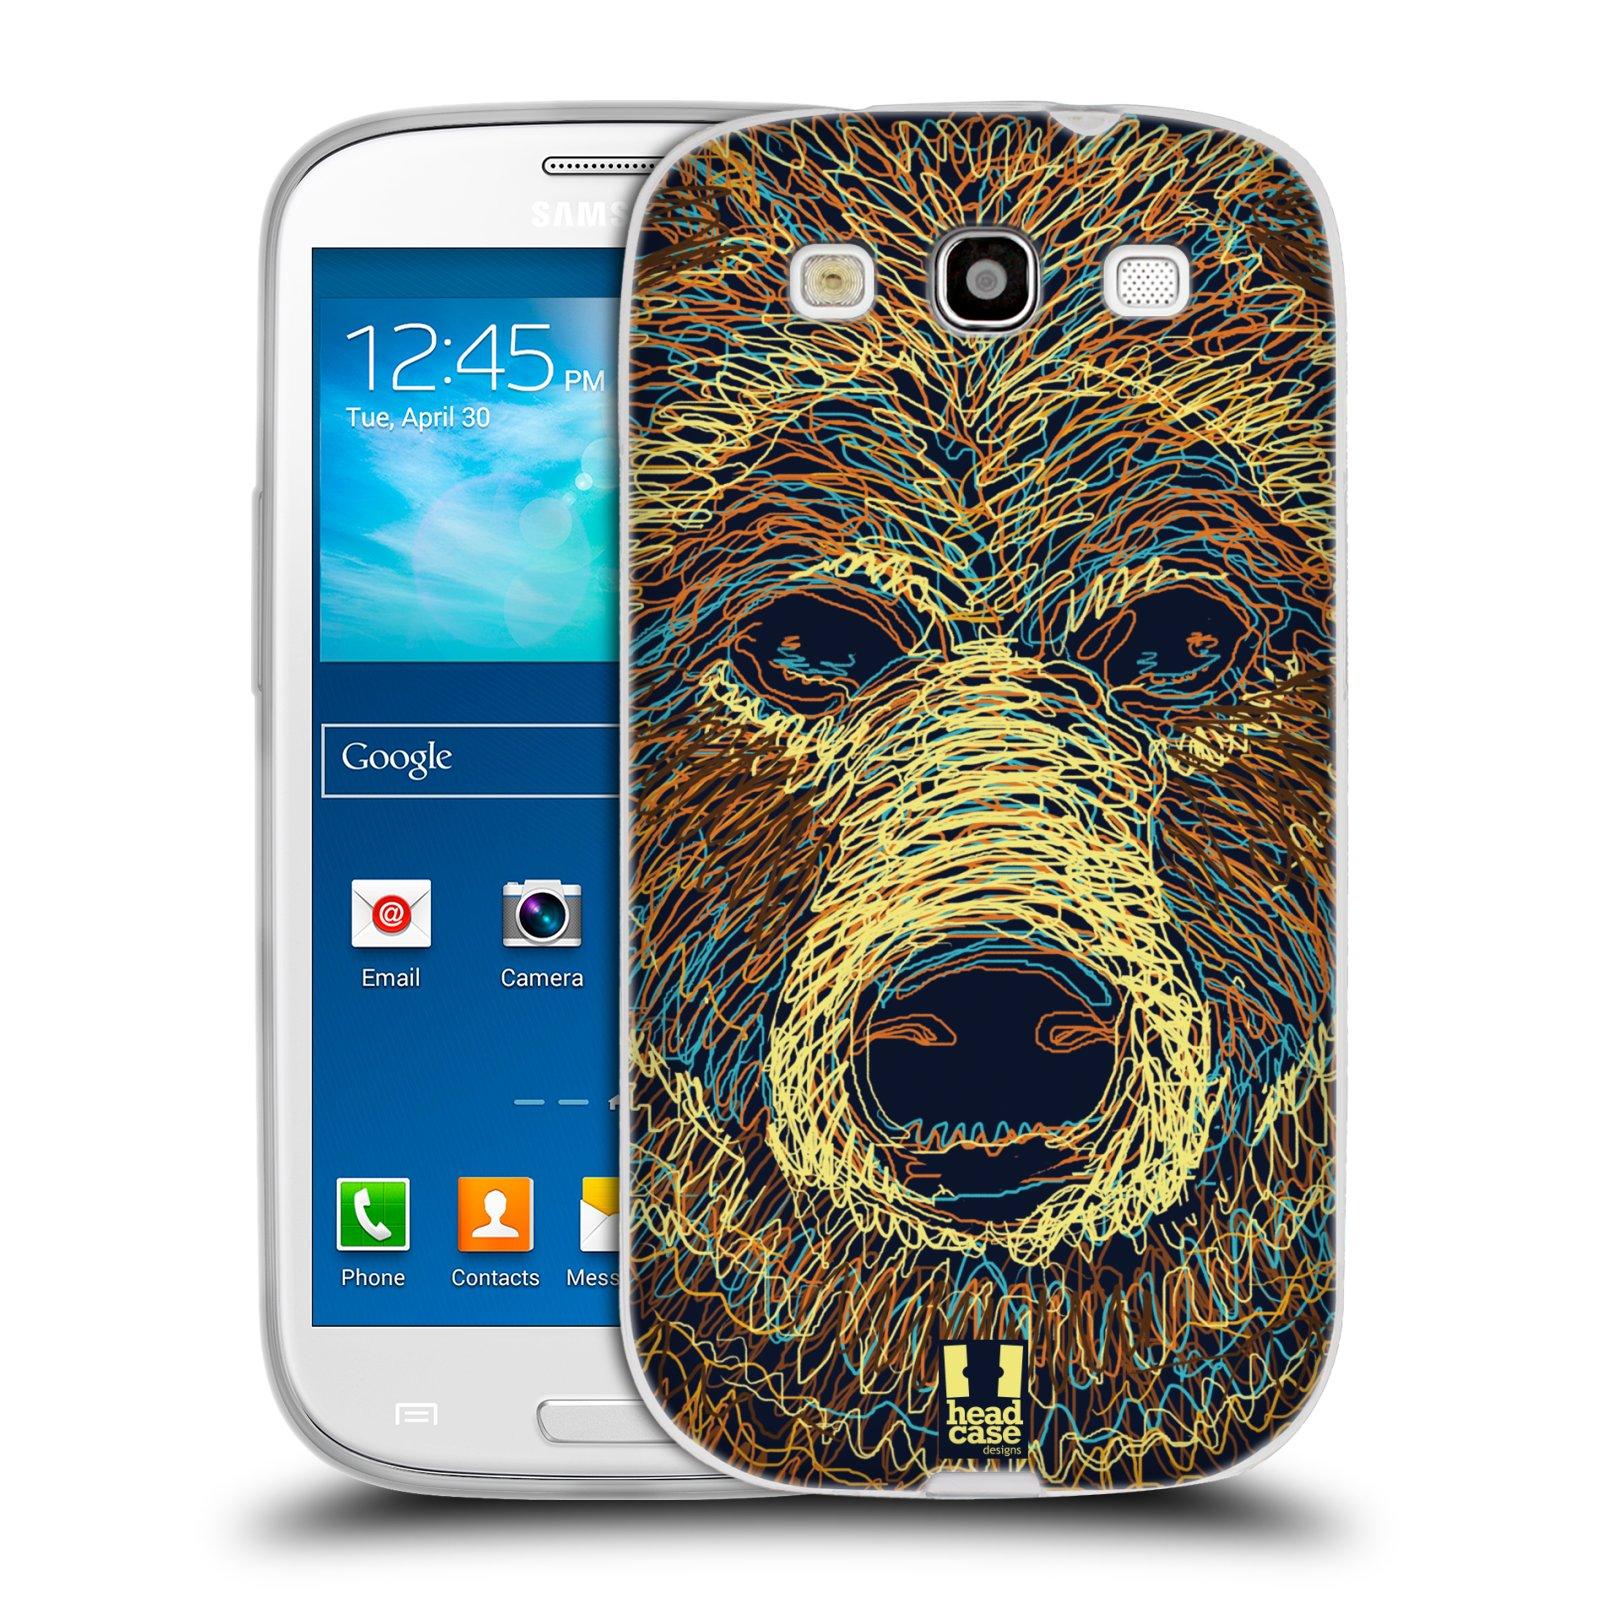 Silikonové pouzdro na mobil Samsung Galaxy S3 Neo HEAD CASE SCRIBBLE MEDVĚD (Silikonový kryt či obal na mobilní telefon Samsung Galaxy S3 Neo GT-i9301i)